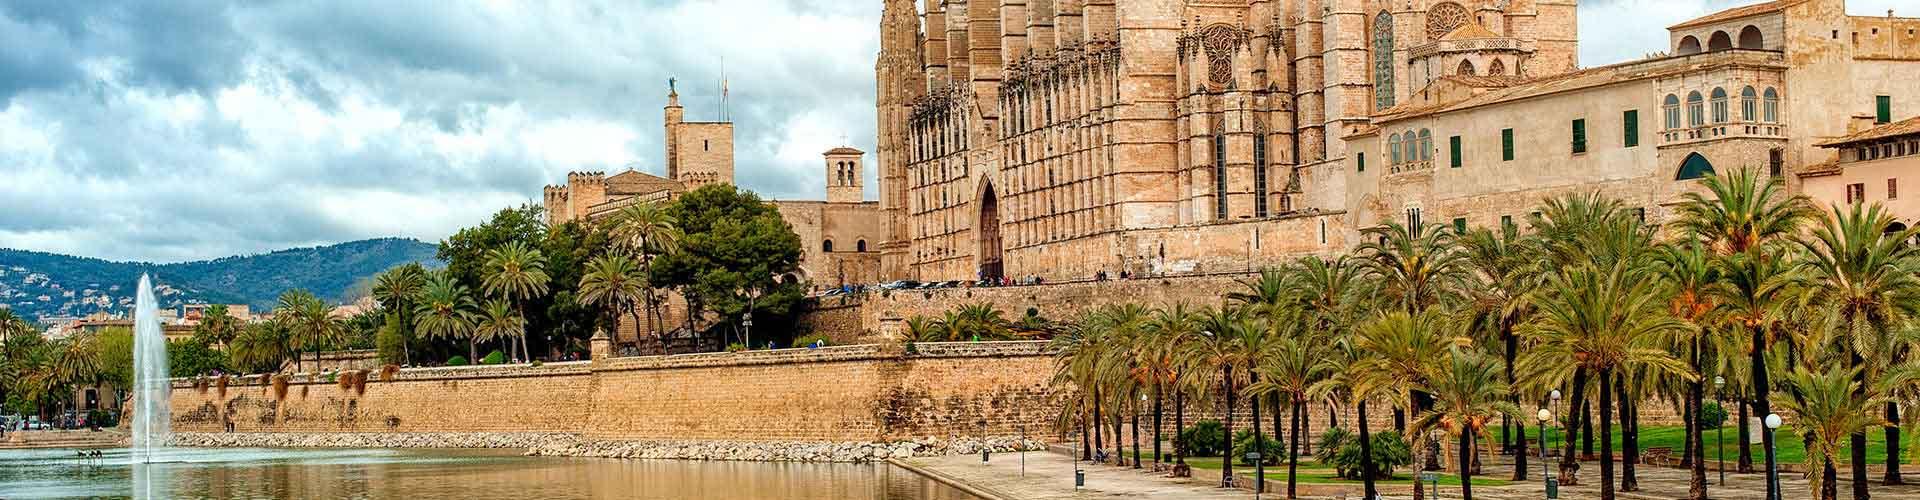 Palma de Mallorca - Chambres à Palma de Mallorca. Cartes pour Palma de Mallorca, photos et commentaires pour chaque chambre à Palma de Mallorca.